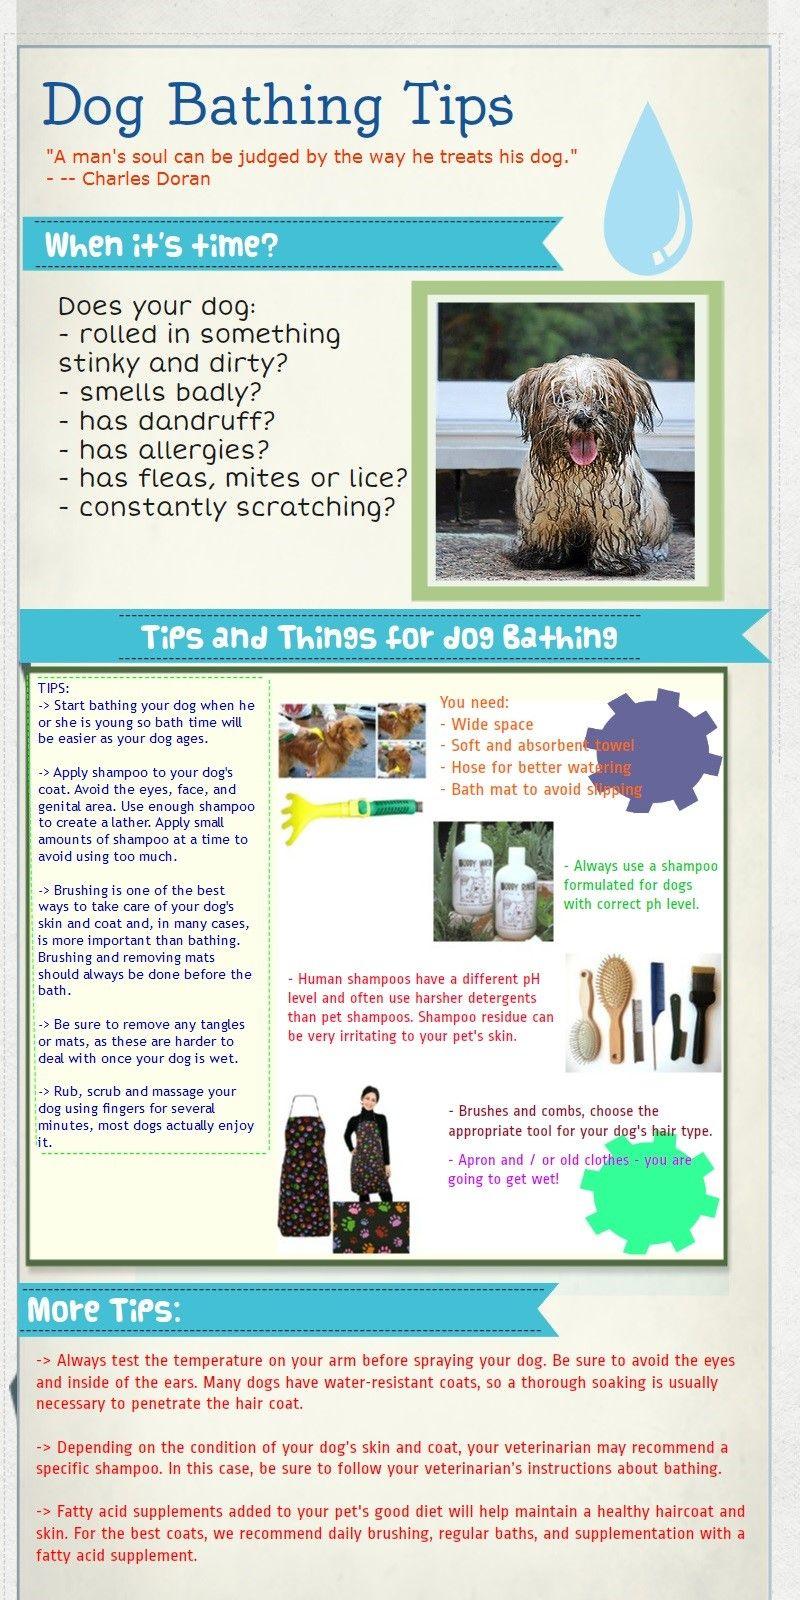 consejos de baño para perros